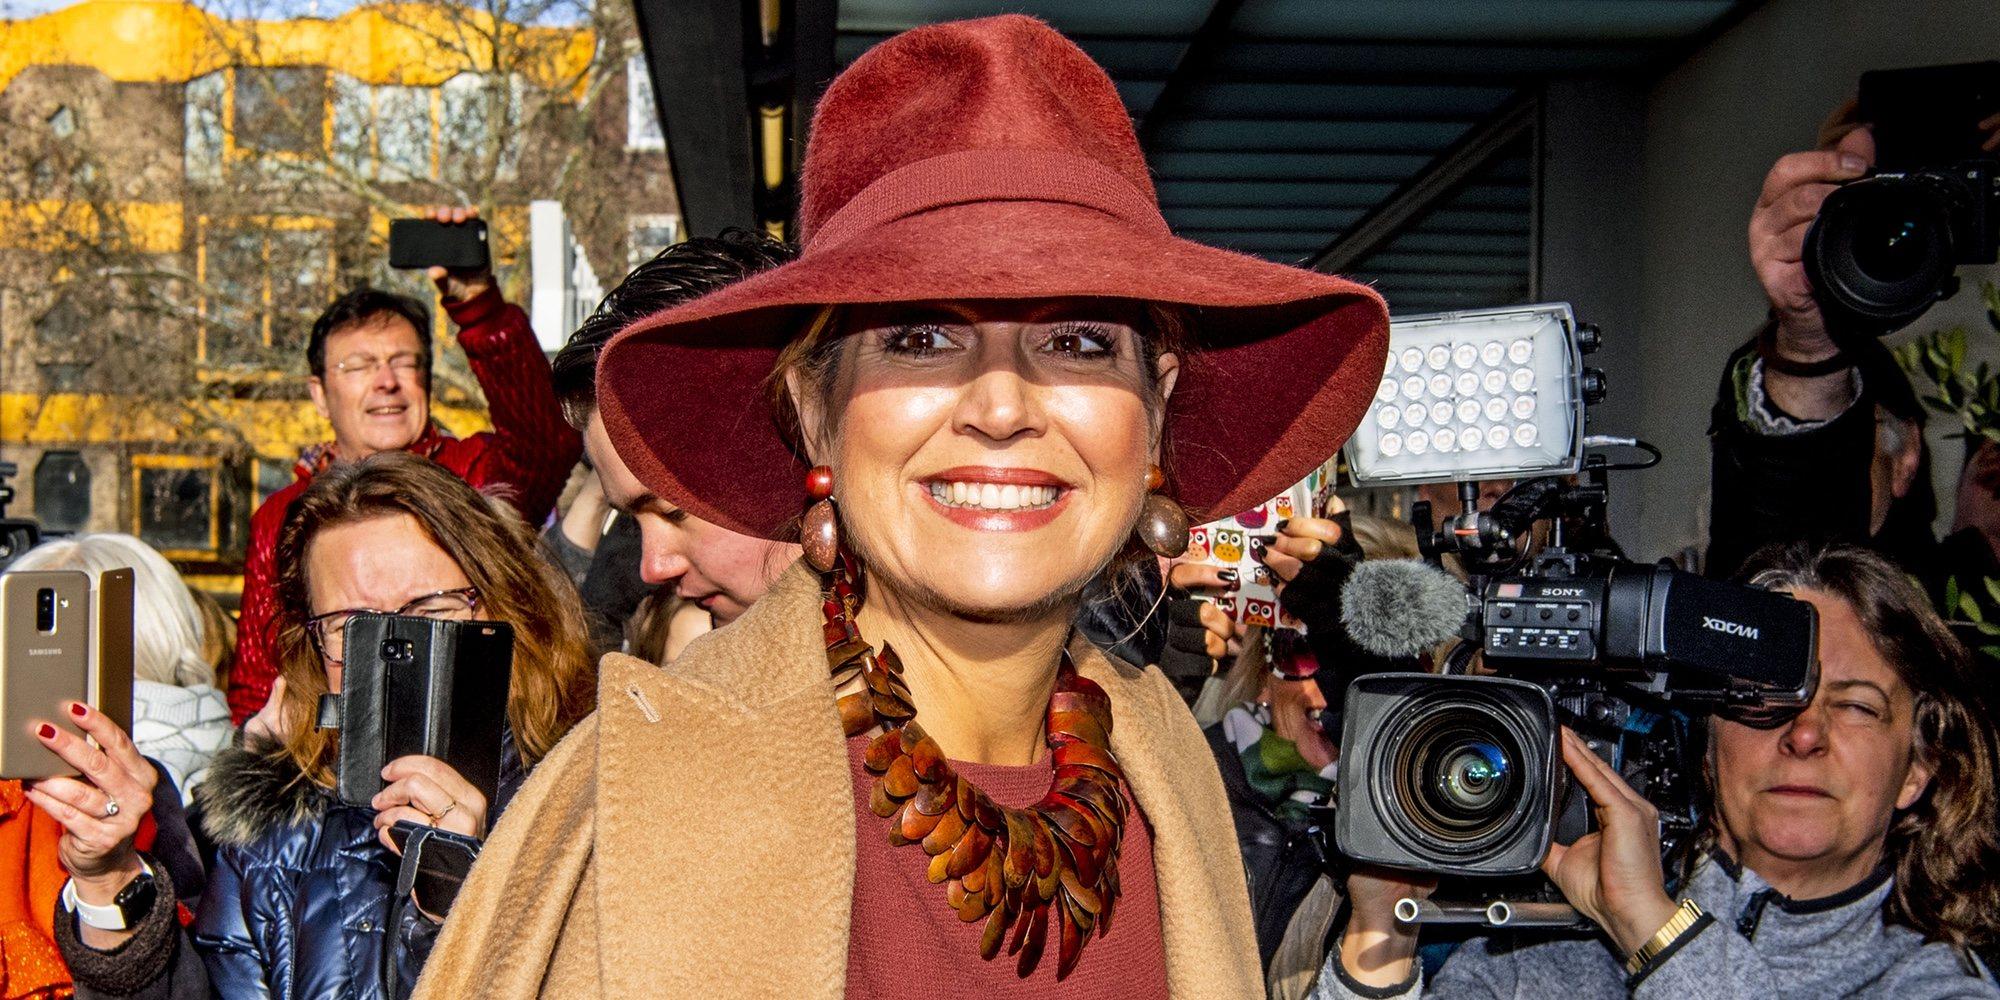 La Reina Máxima de Holanda hace frente a las críticas de delito fiscal con la mejor de sus sonrisas